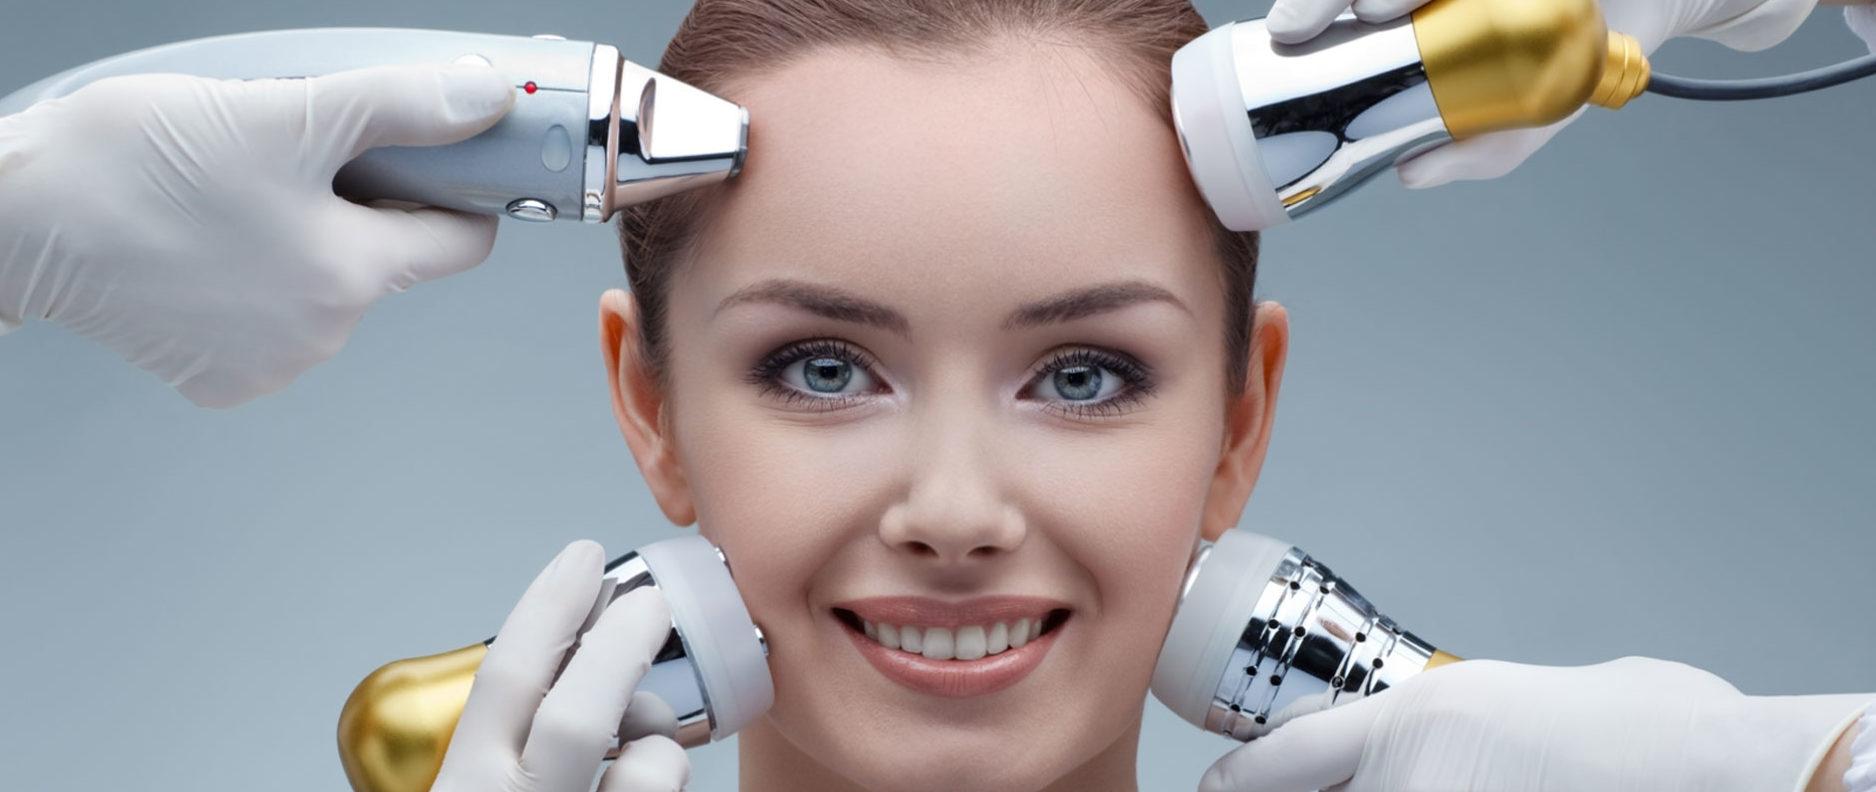 врачебная косметология